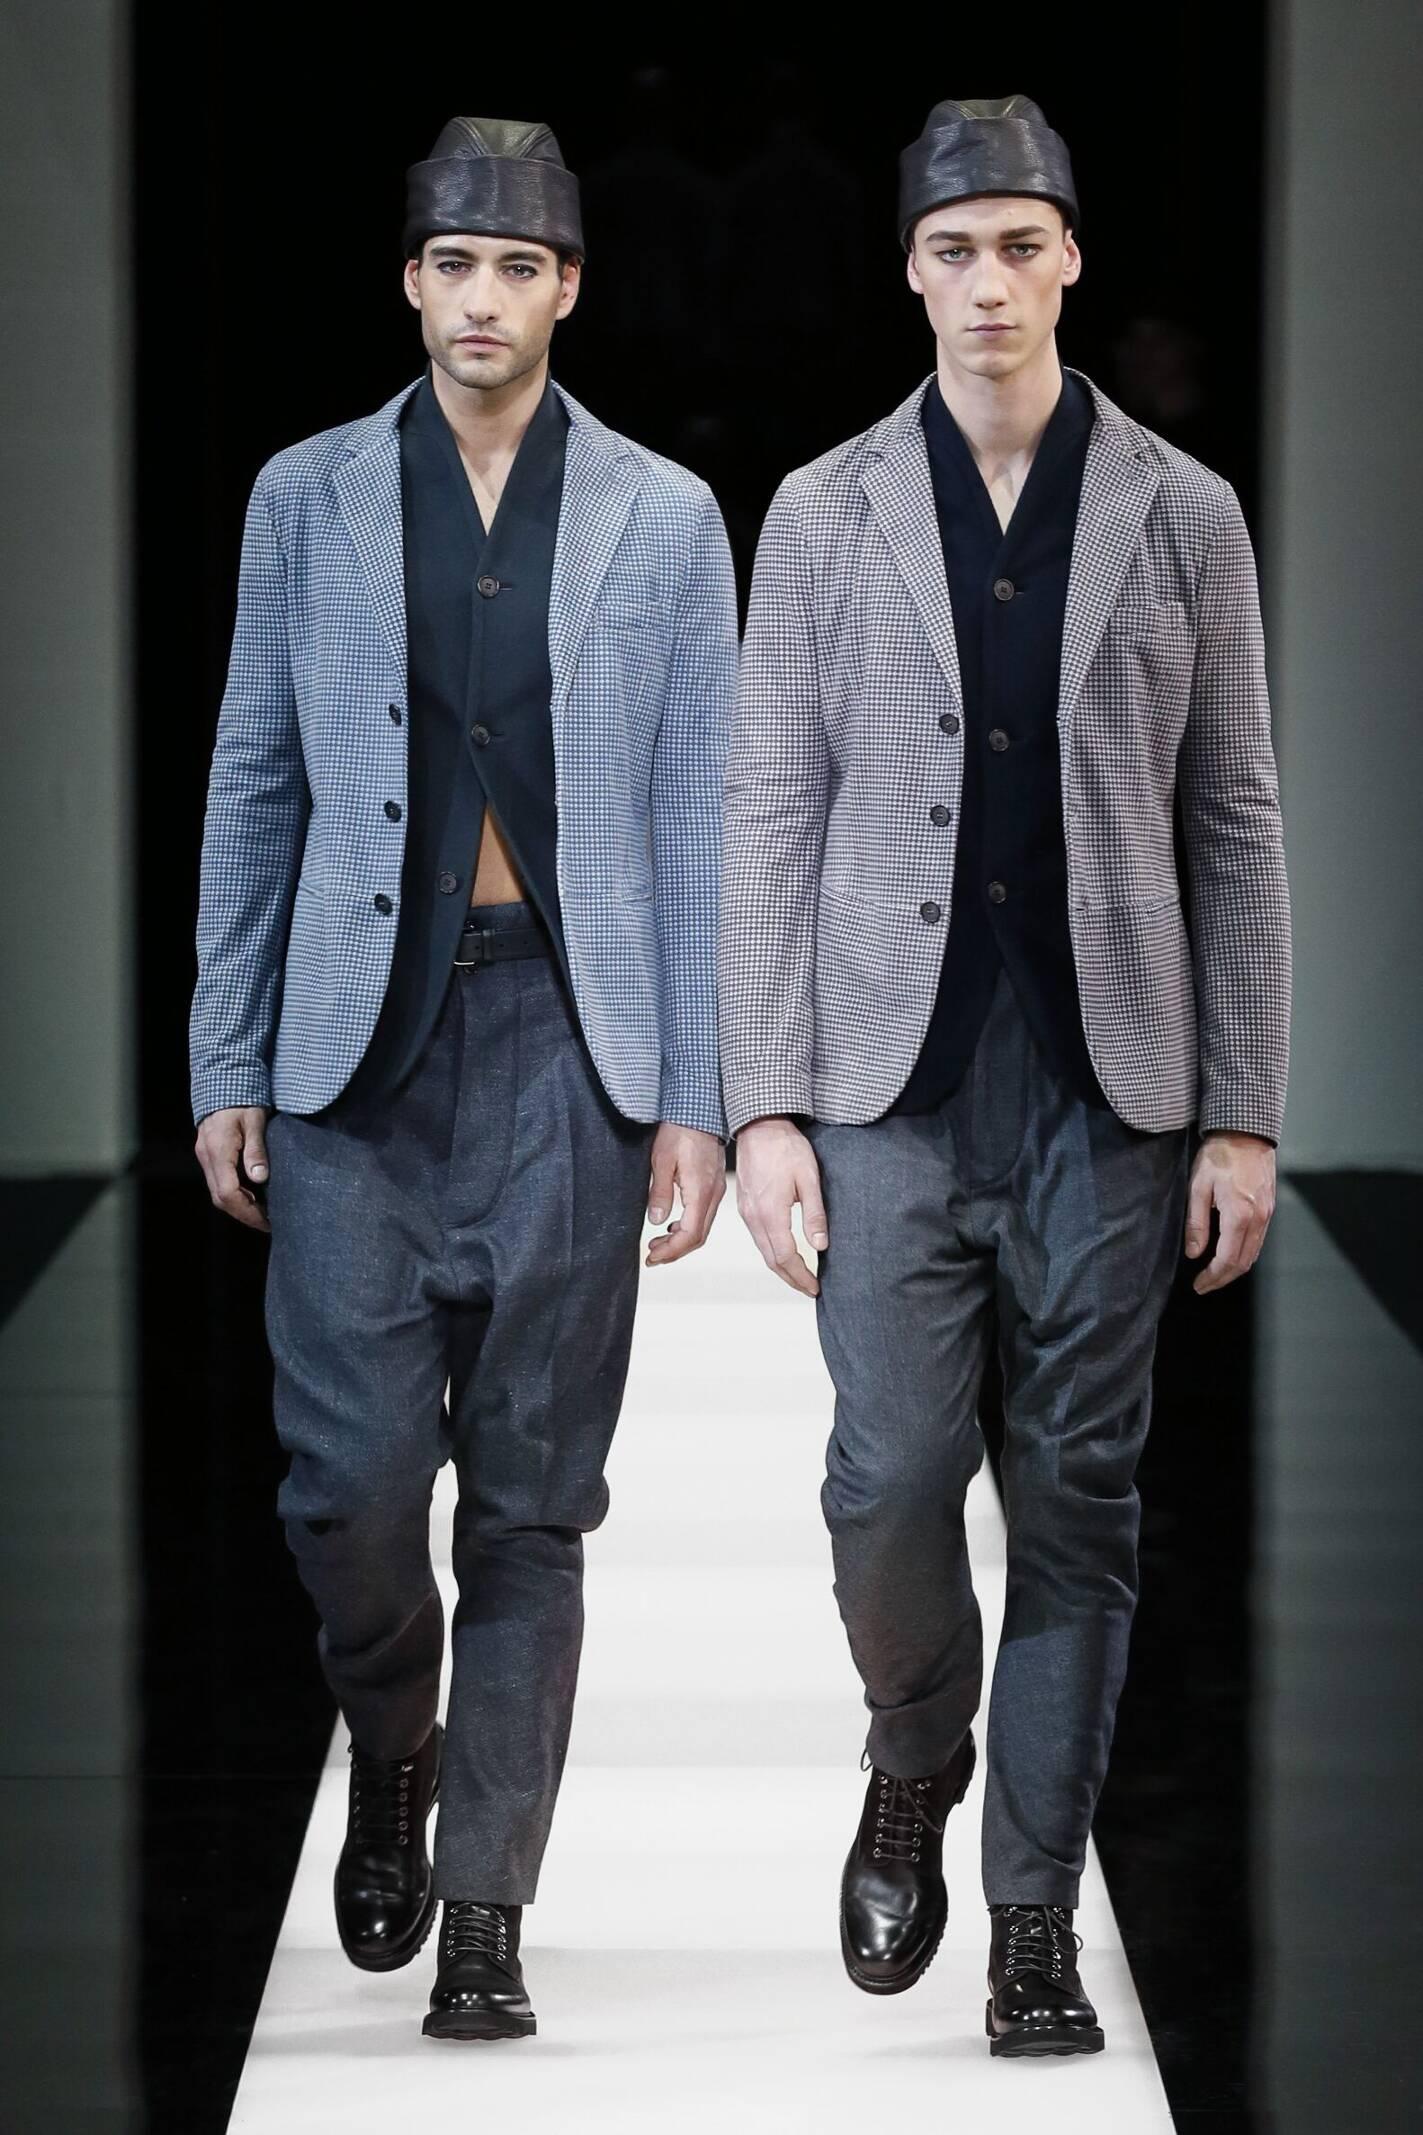 Giorgio Armani Collection Winter 2015 Catwalk